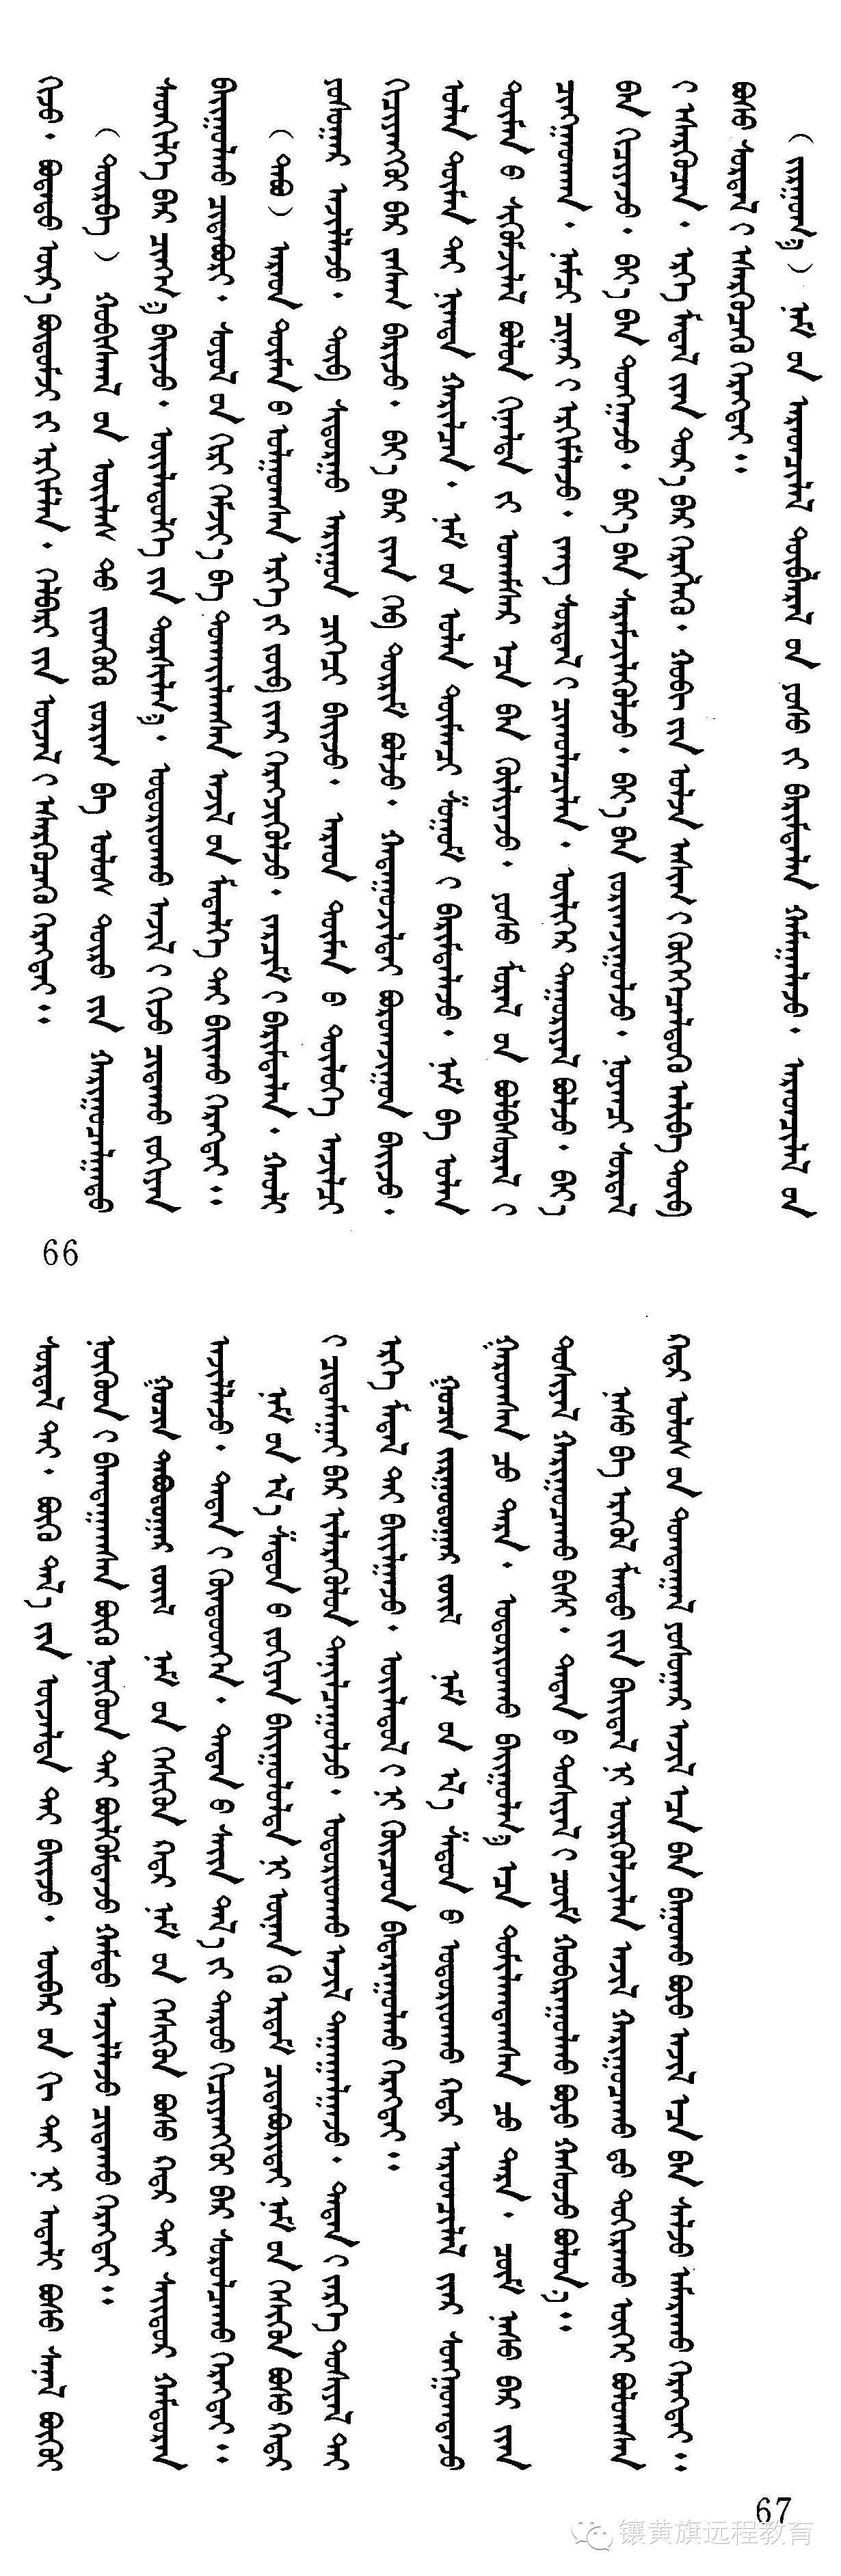 【两学一做材料】蒙文版《党章》 第19张 【两学一做材料】蒙文版《党章》 蒙古文库